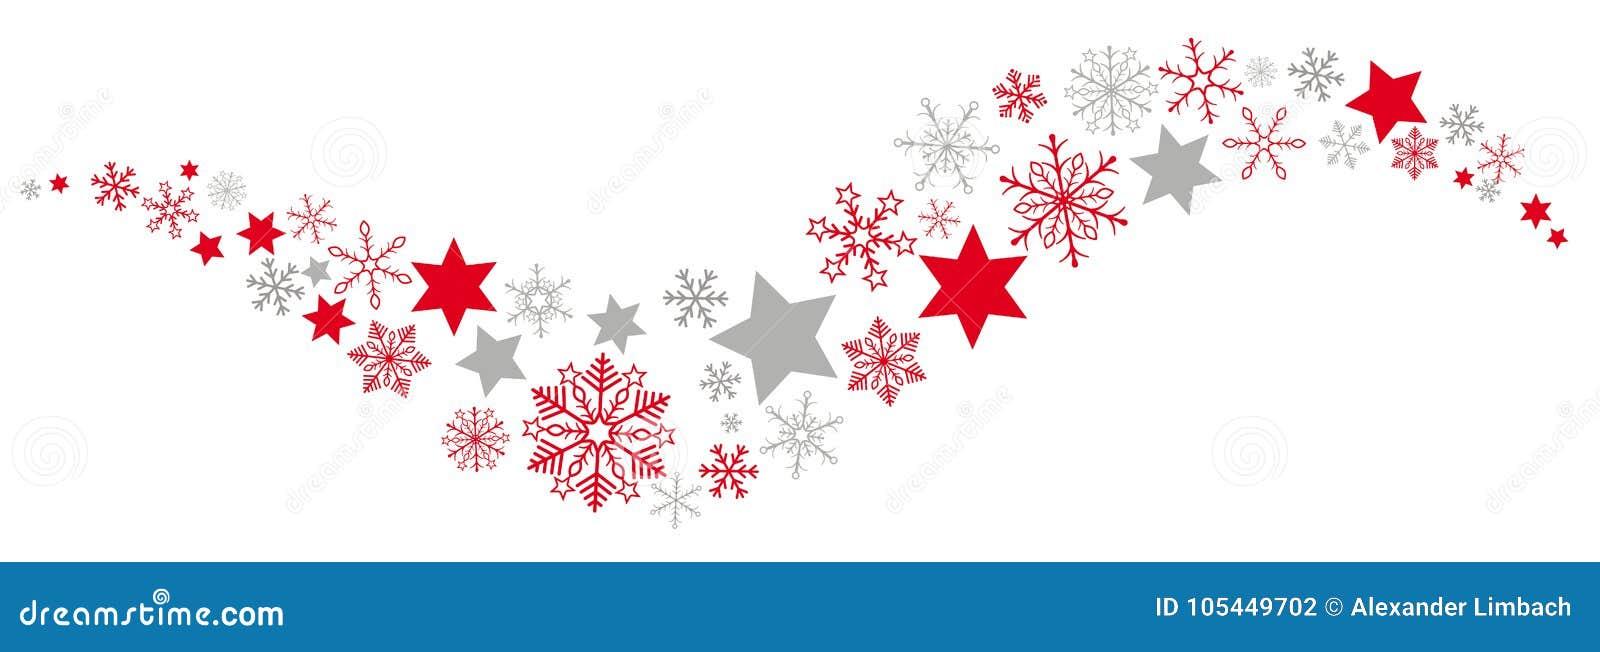 Bandera roja de Gray Snowflakes Stars Dust Flat de la Navidad